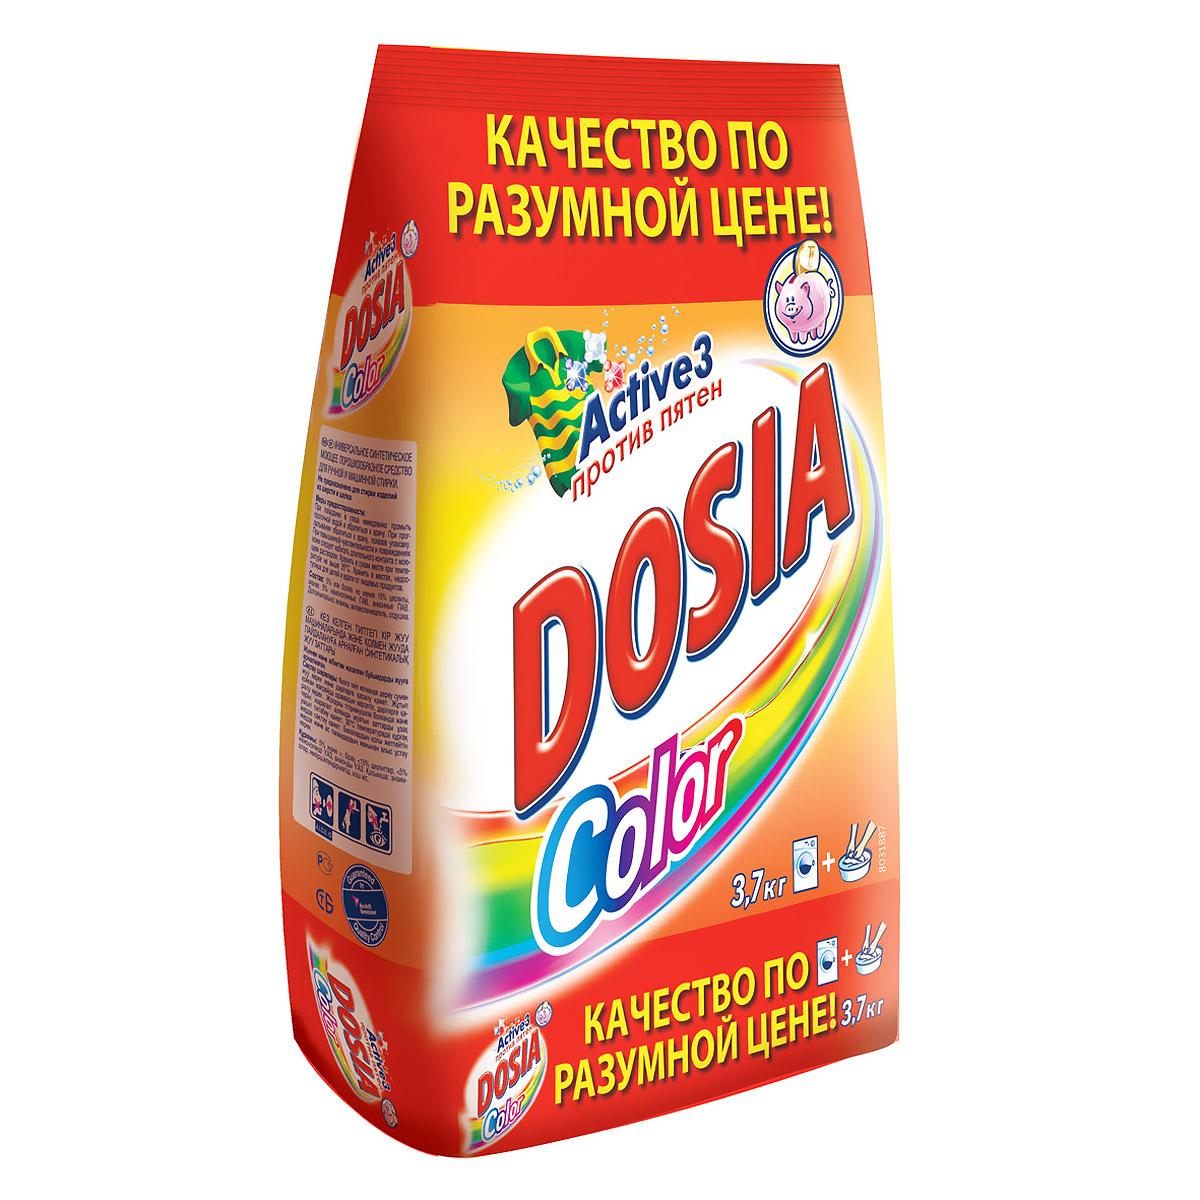 Стиральный порошок Dosia Color. Active 3, 3,7 кг стиральный порошок зимнее утро пемос 5 5 кг